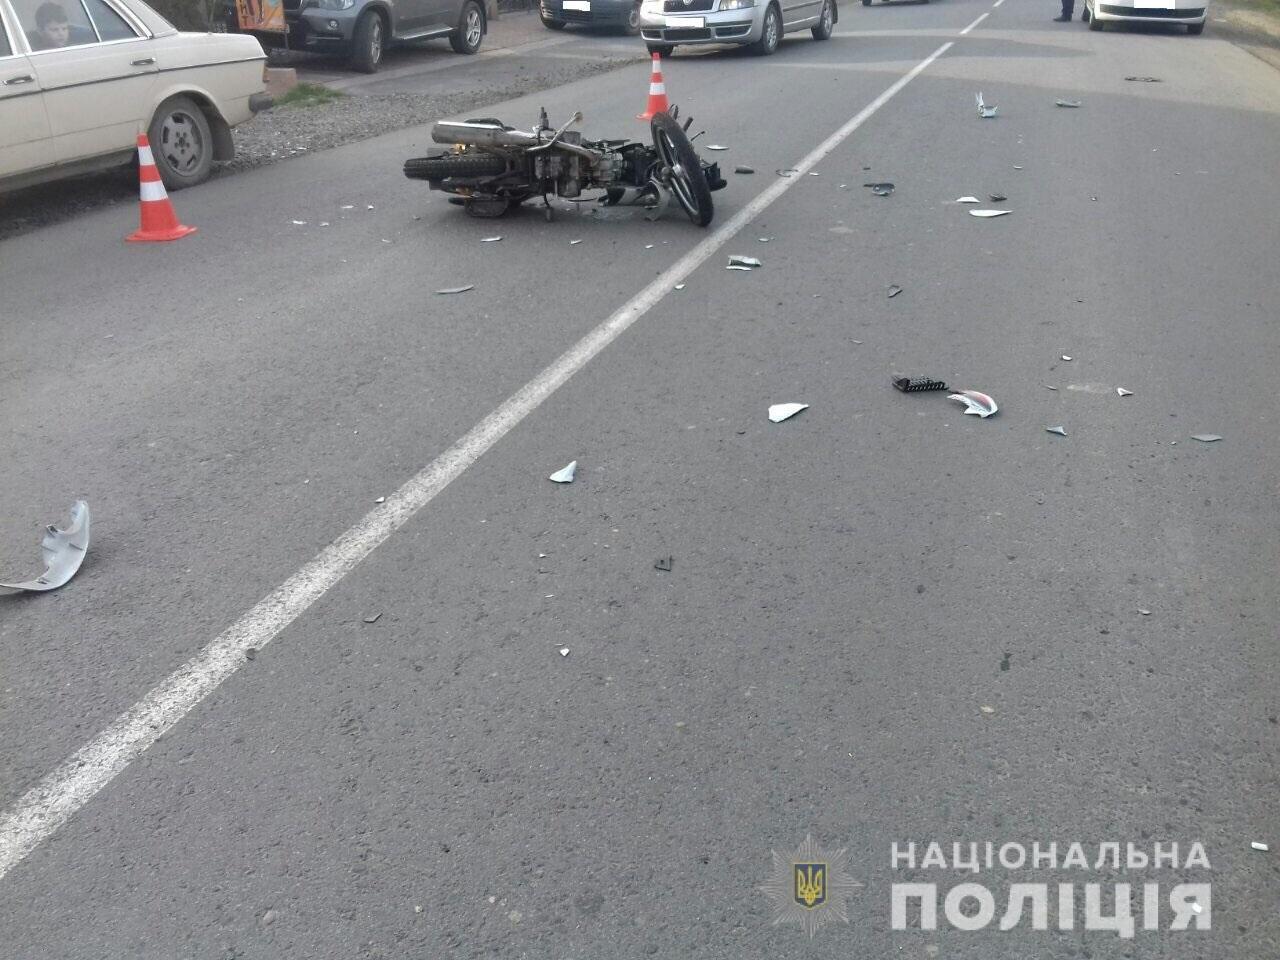 ДТП на Закарпатті: мотоцикл збив 15-річного велосипедиста. Юнак у лікарні (ФОТО), фото-3